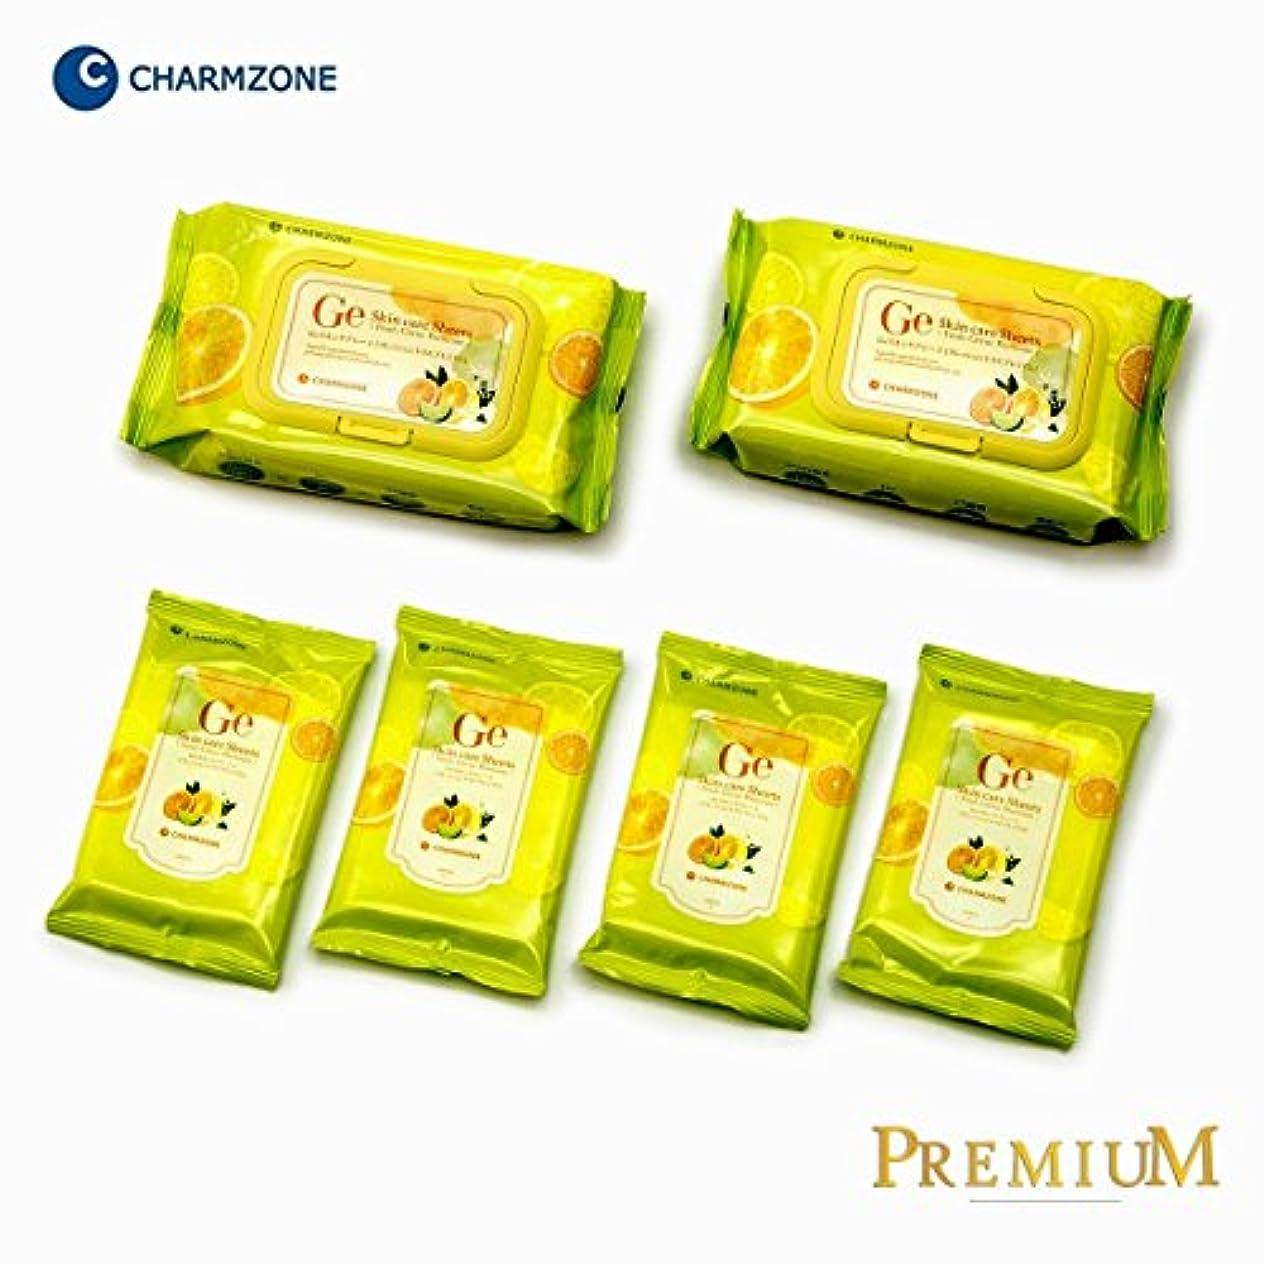 チャームゾーン Geスキンケアシート 160枚入(60枚×2個 10枚×4個)フレッシュシトラス プレミアム